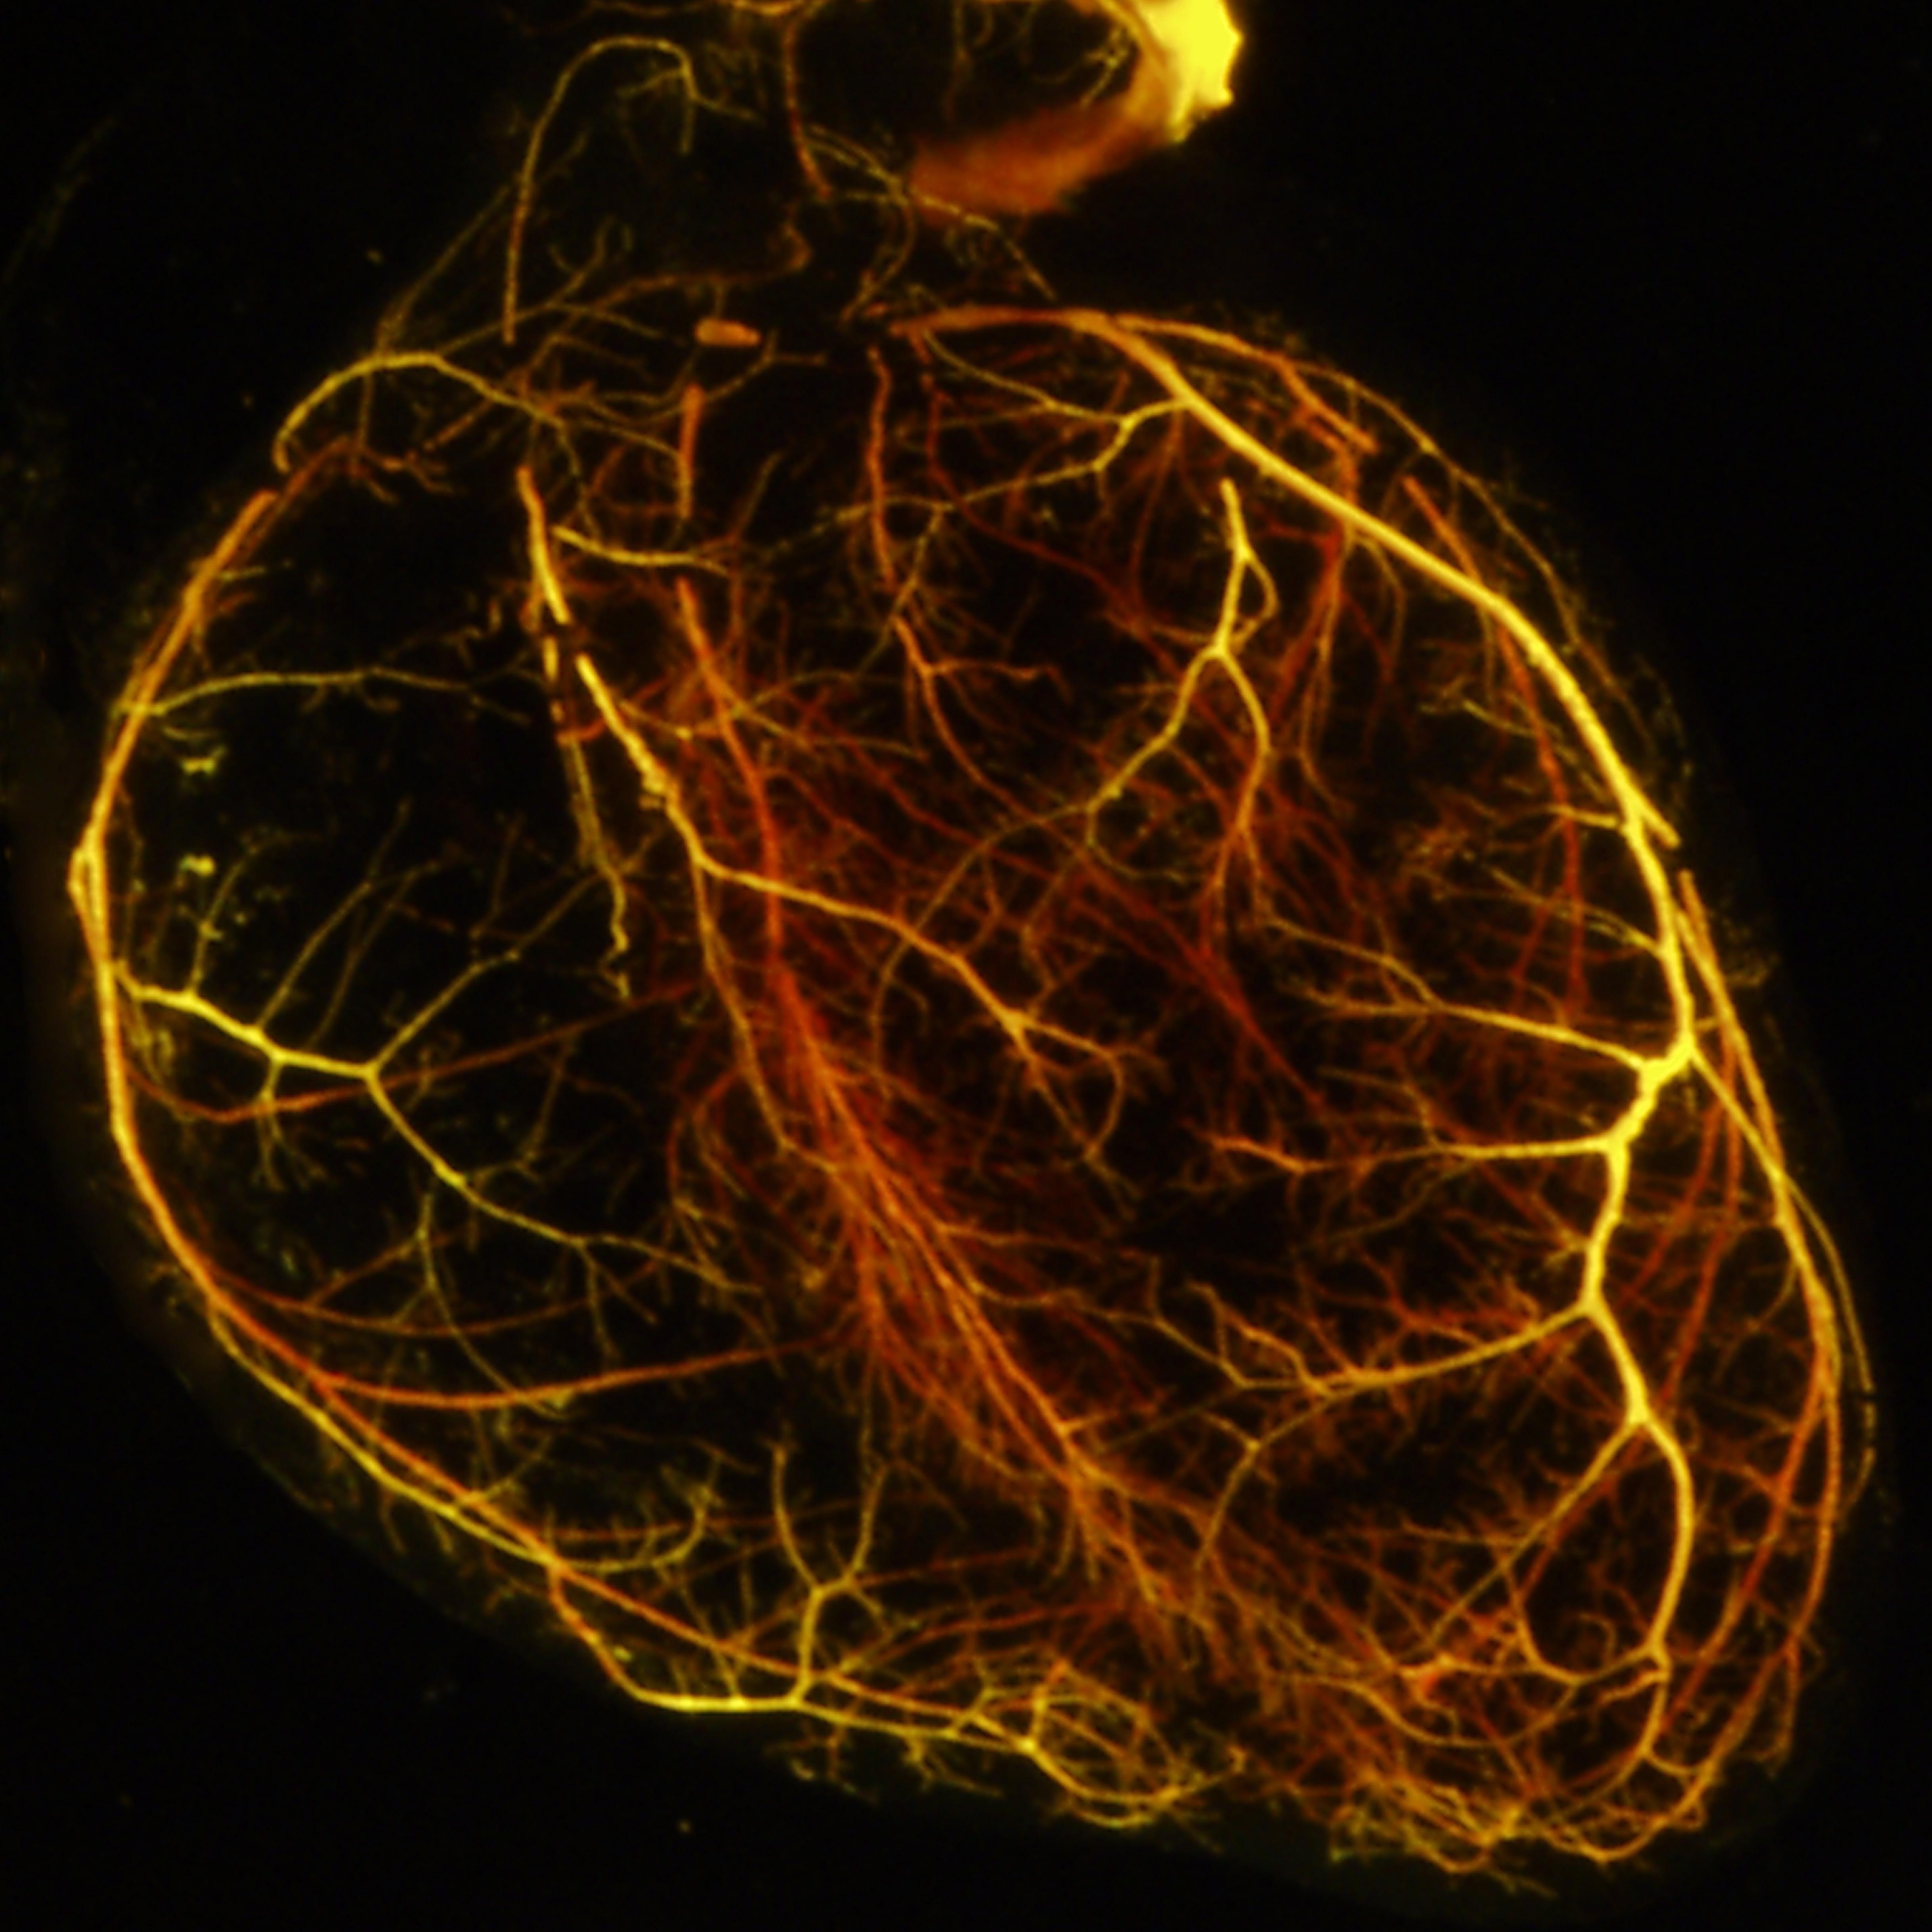 Penn Preclinical Study Outlines Cardiovascular Side